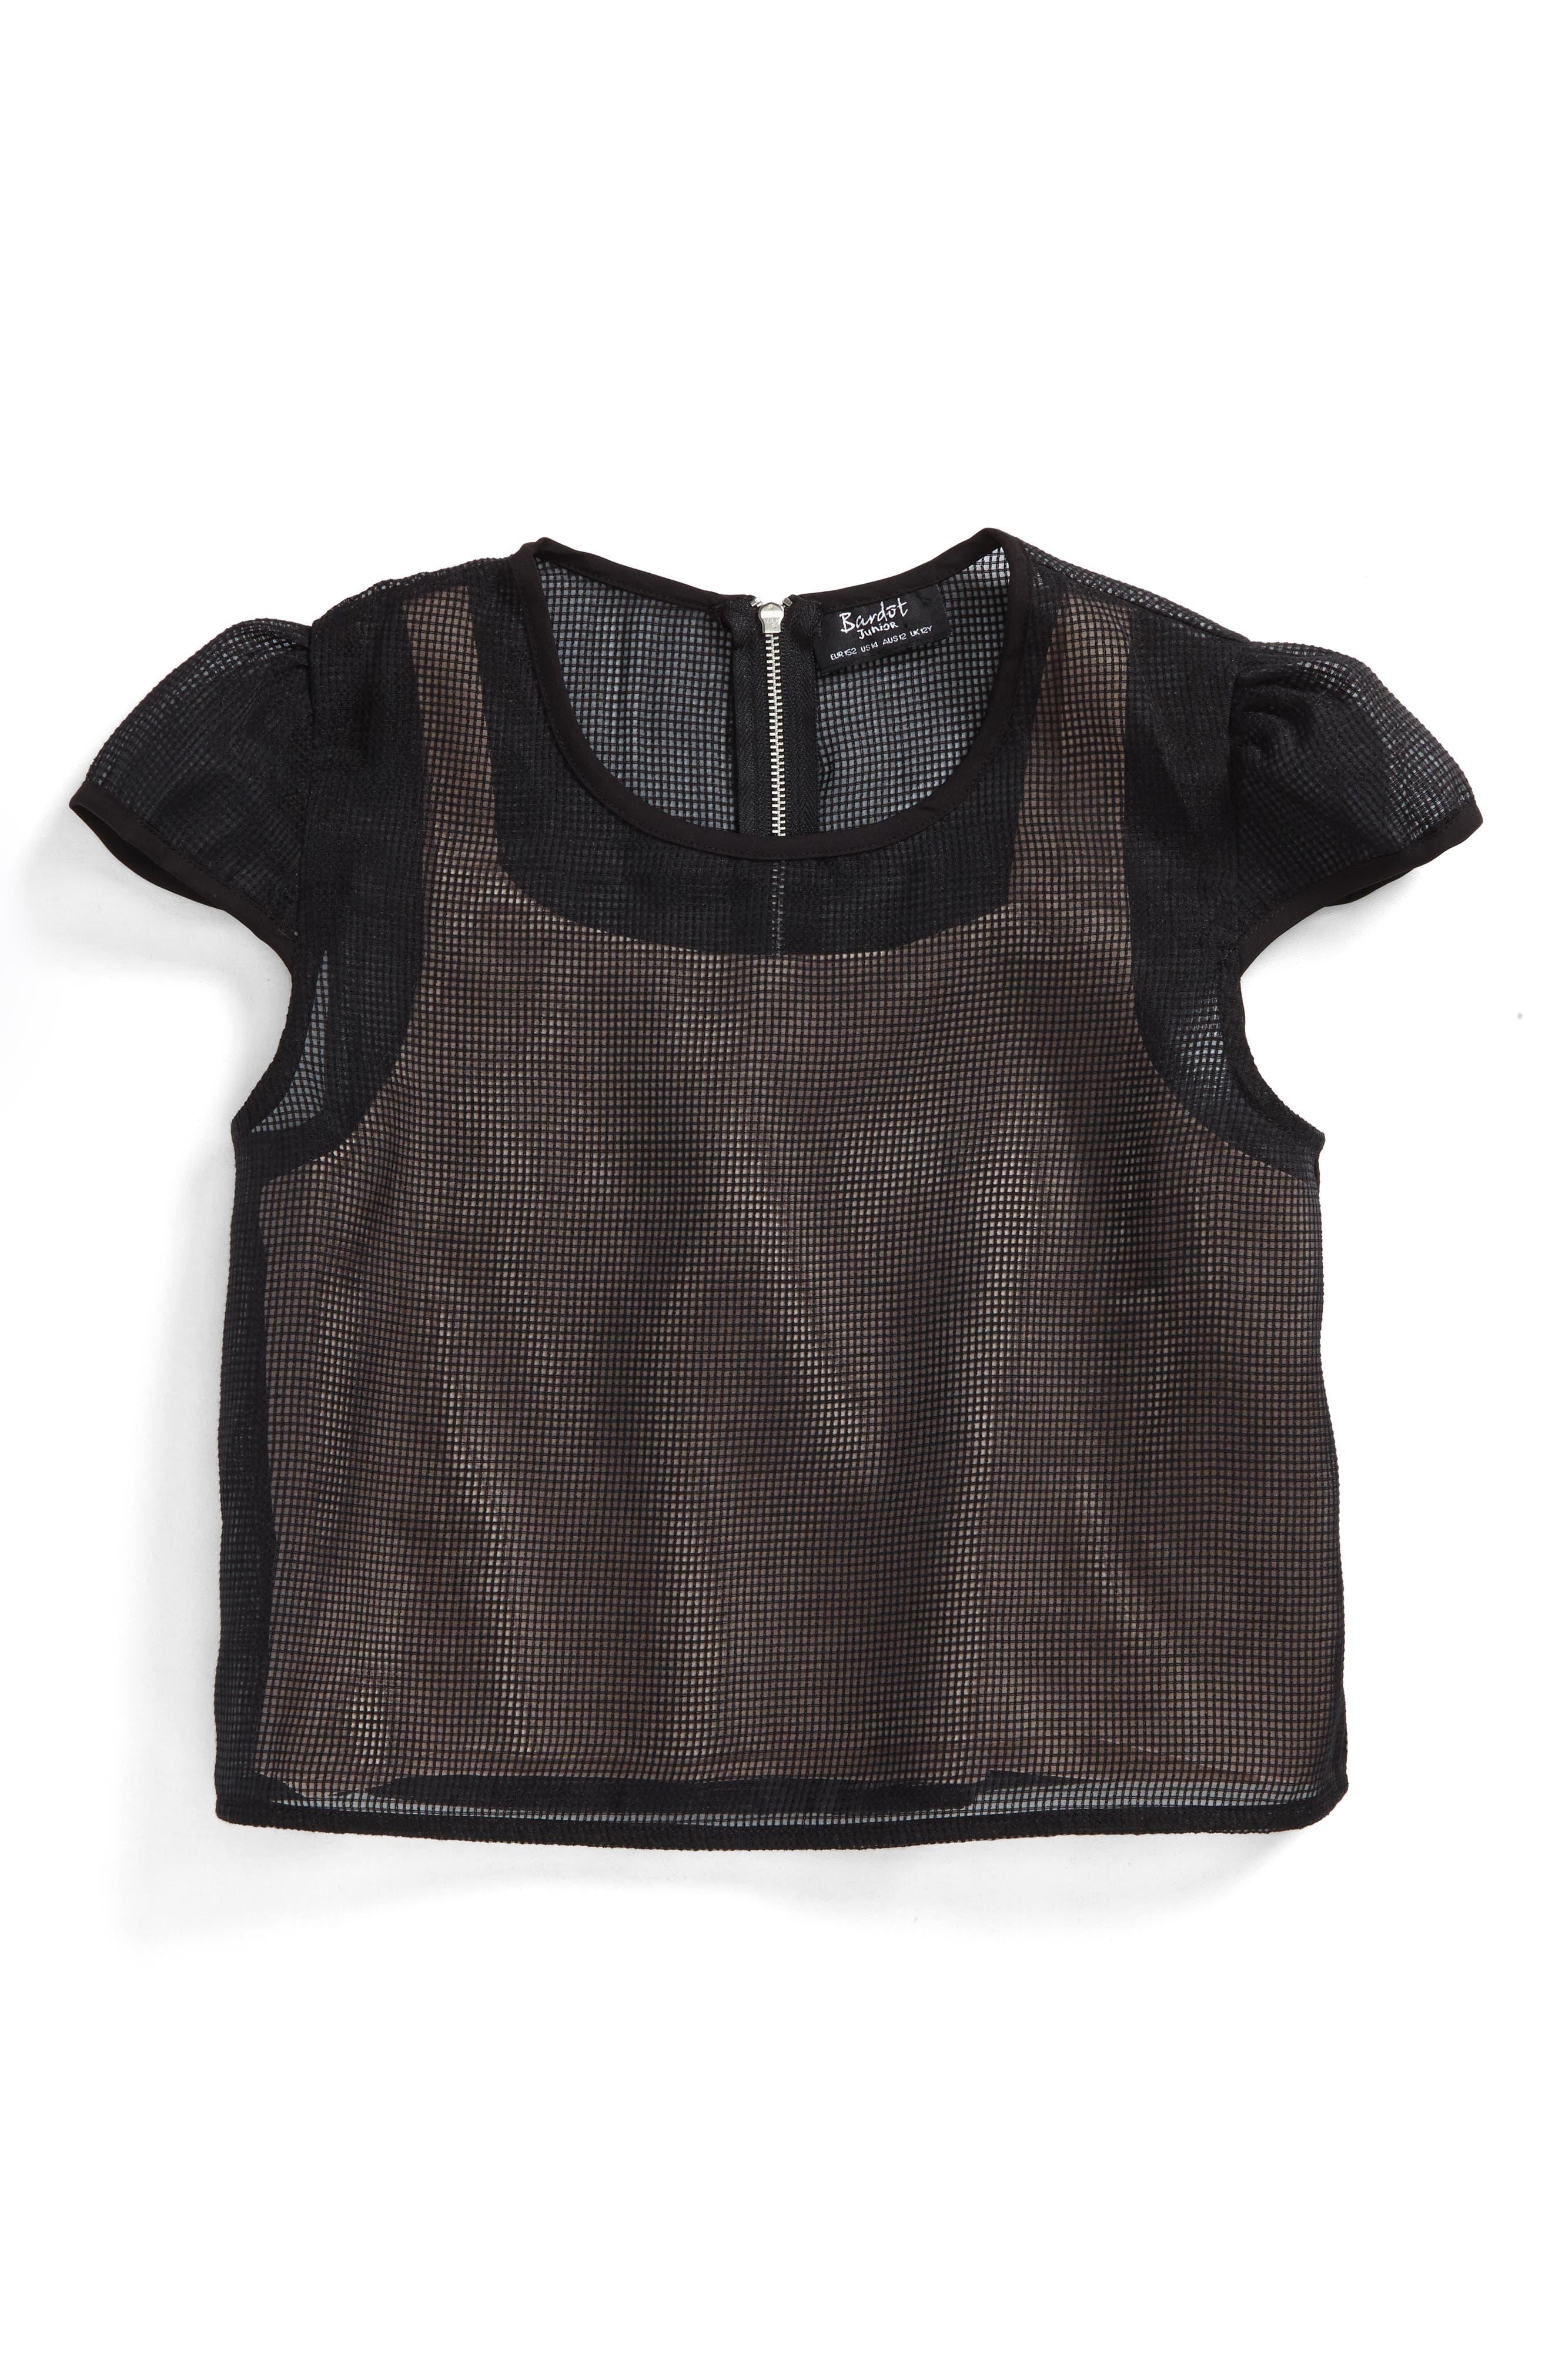 Blaire Mesh Top,                         Main,                         color, Black